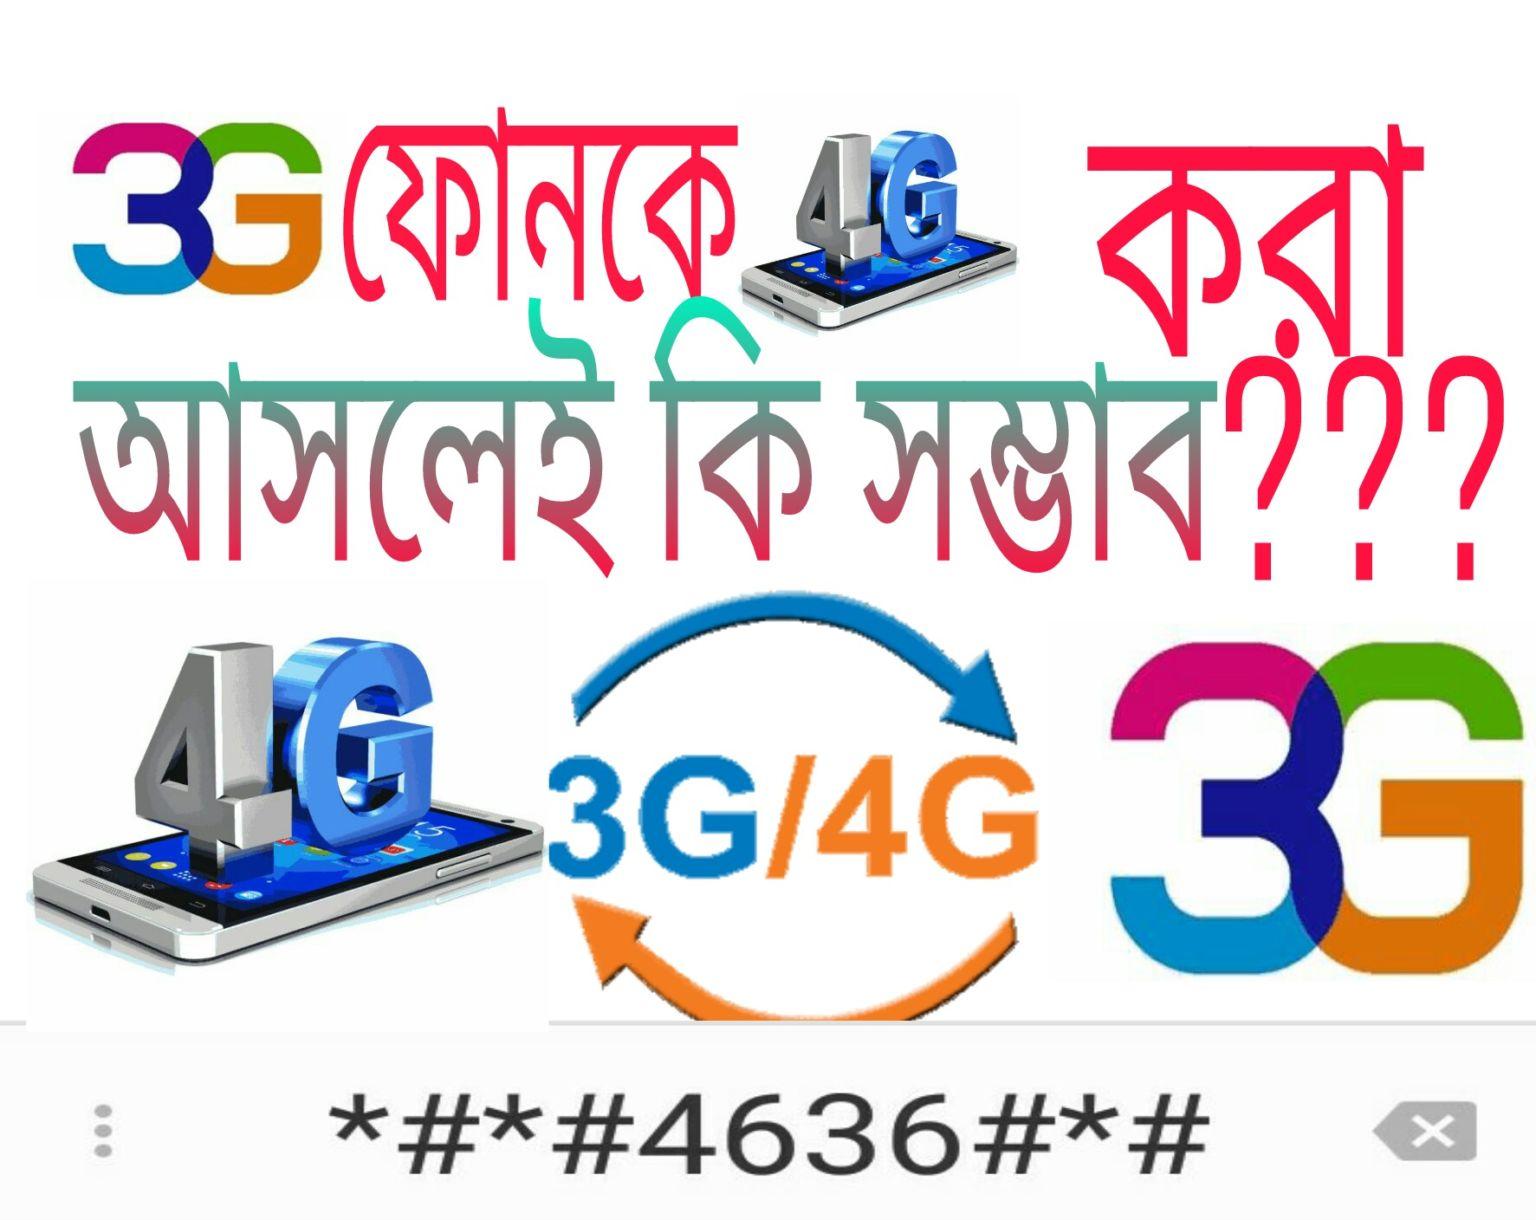 বন্ধুরা 3G মোবাইল কে 4G করা আসলেই কি সম্ভব সবাইকে পোষ্টটি দেখার অনুরোধ করছি।